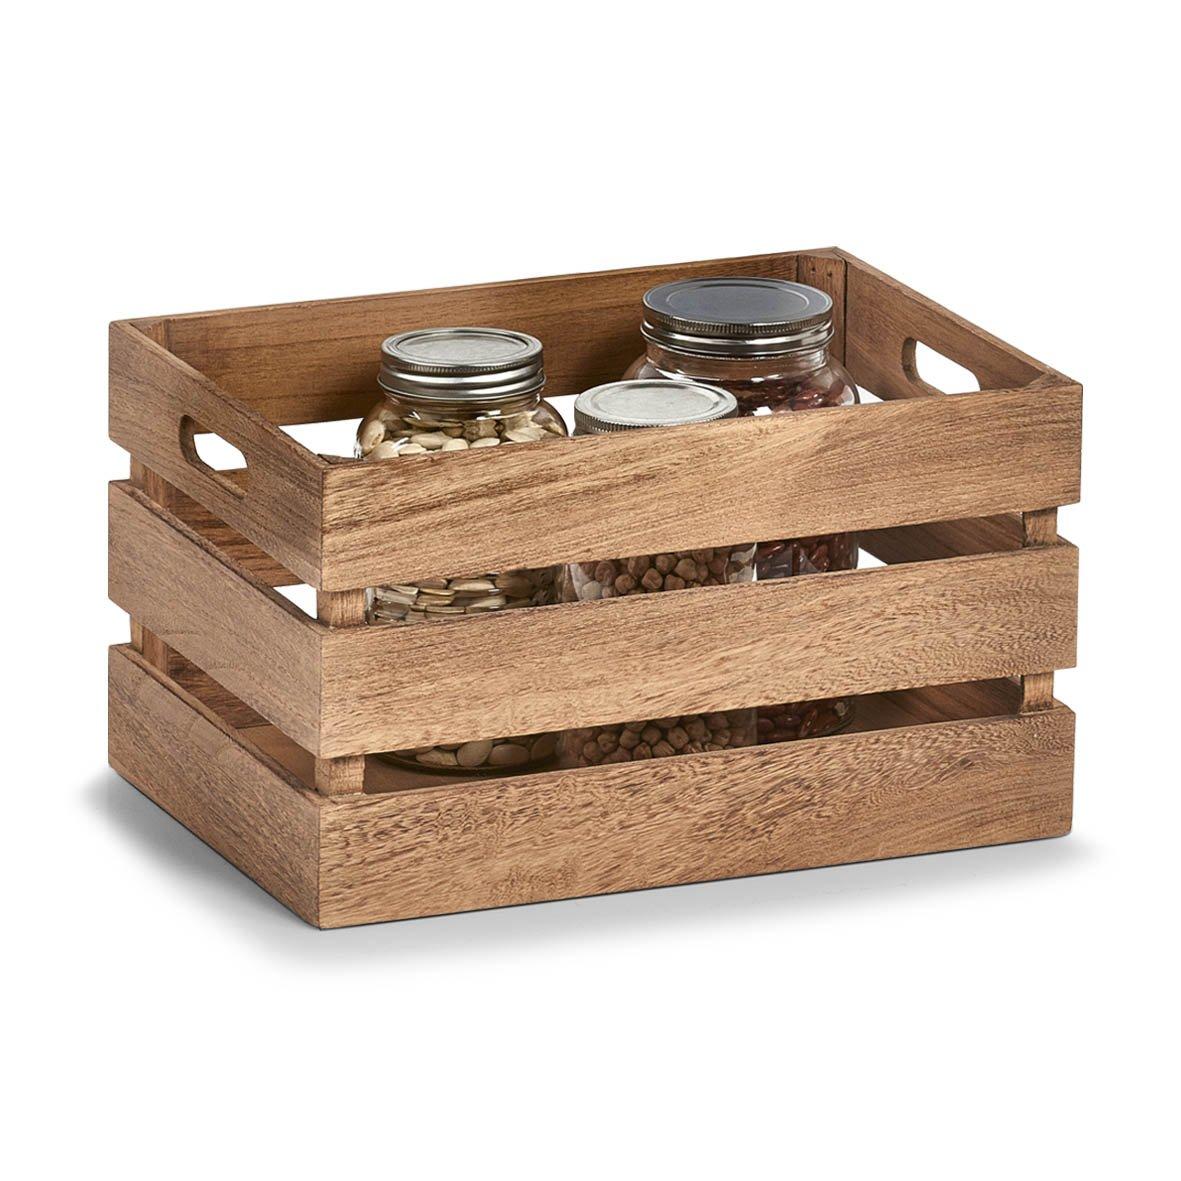 Zeller Caja de Almacenamiento, Madera, Blanco Vintage, vellón, Naturaleza, 35 x 25 x 20 cm: Amazon.es: Hogar